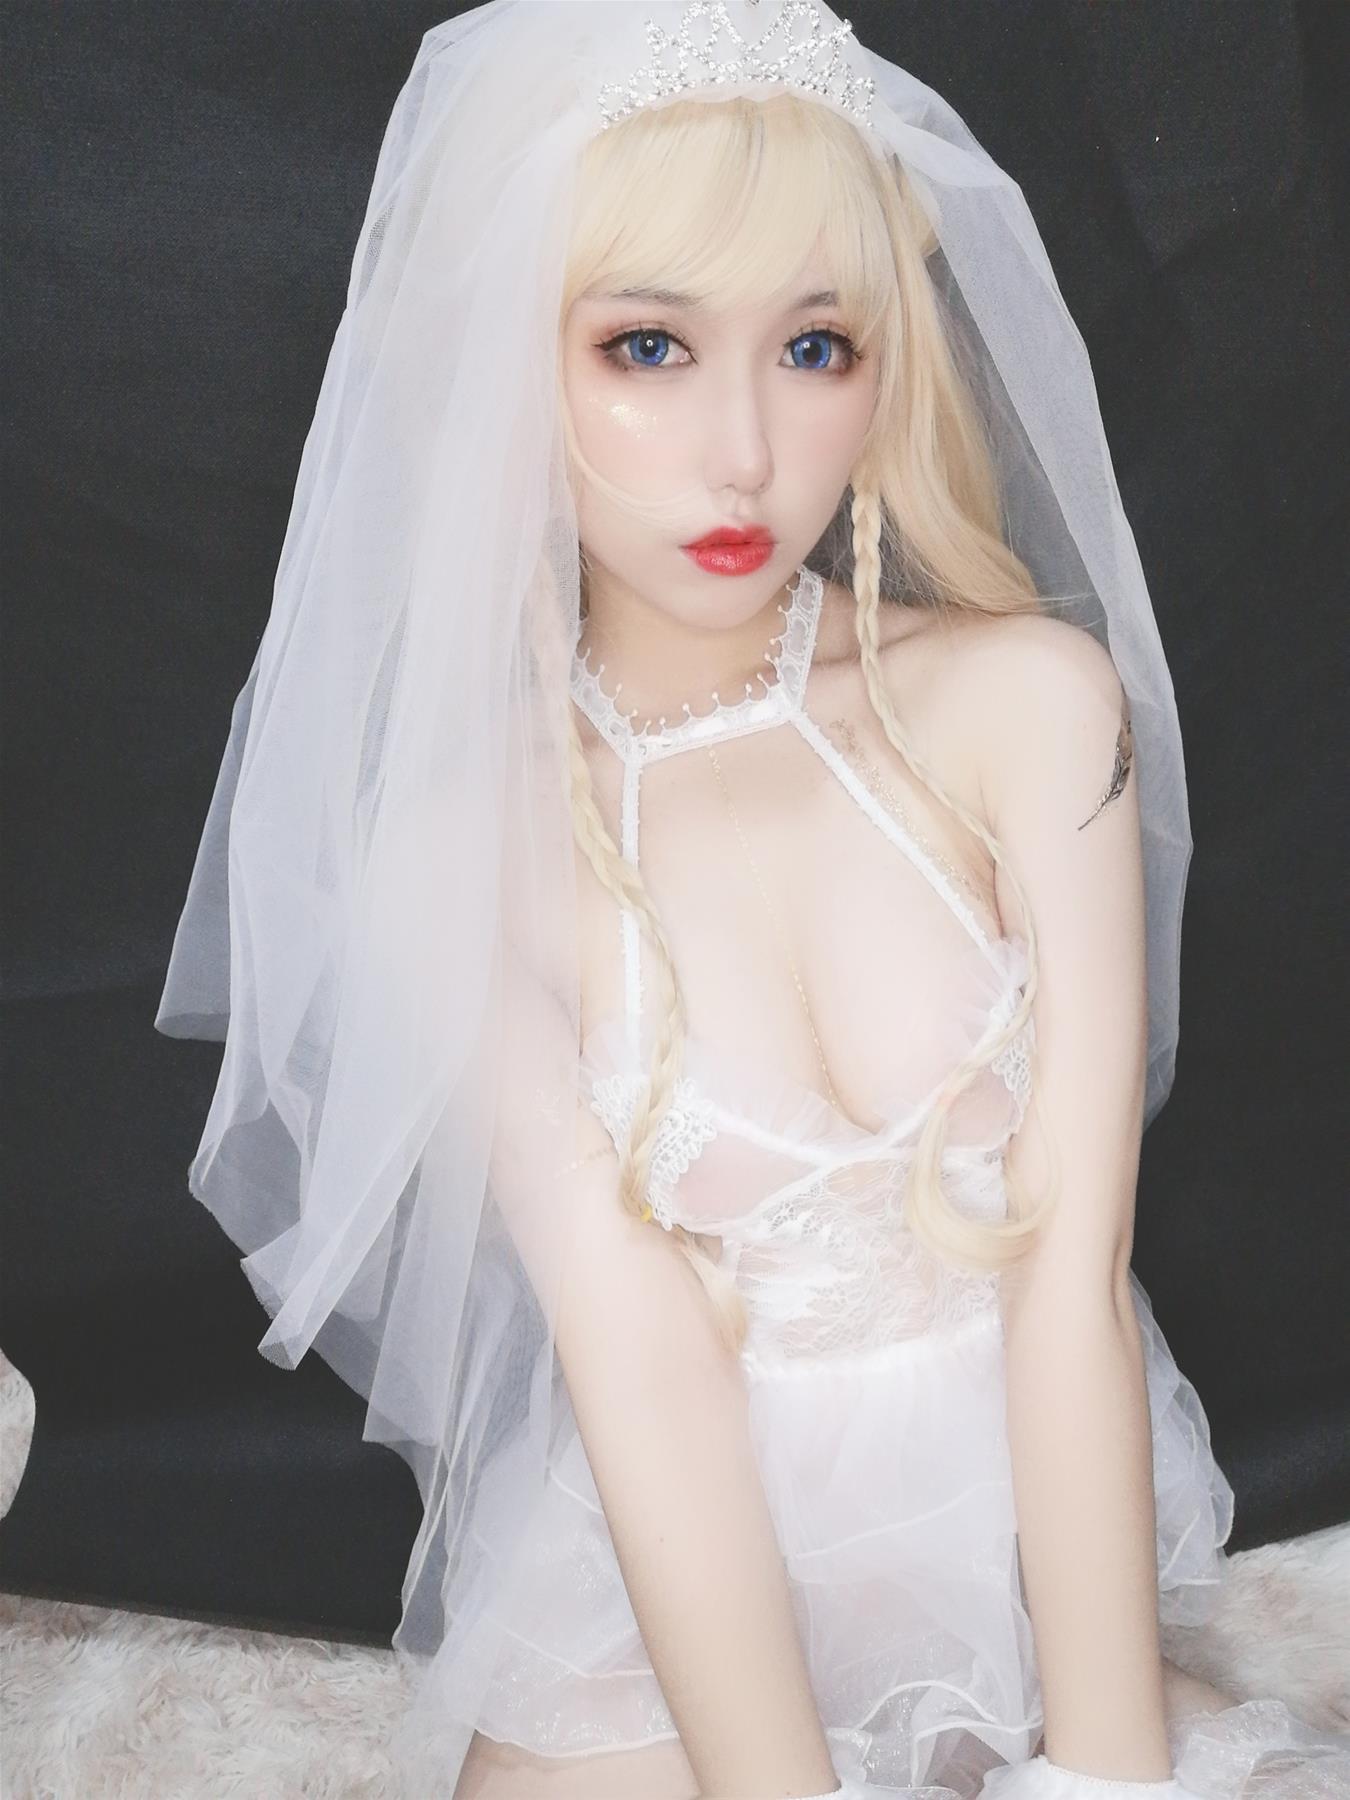 芋圆侑子 魔王的新娘 [170P10V-458MB] 网红少女-第1张